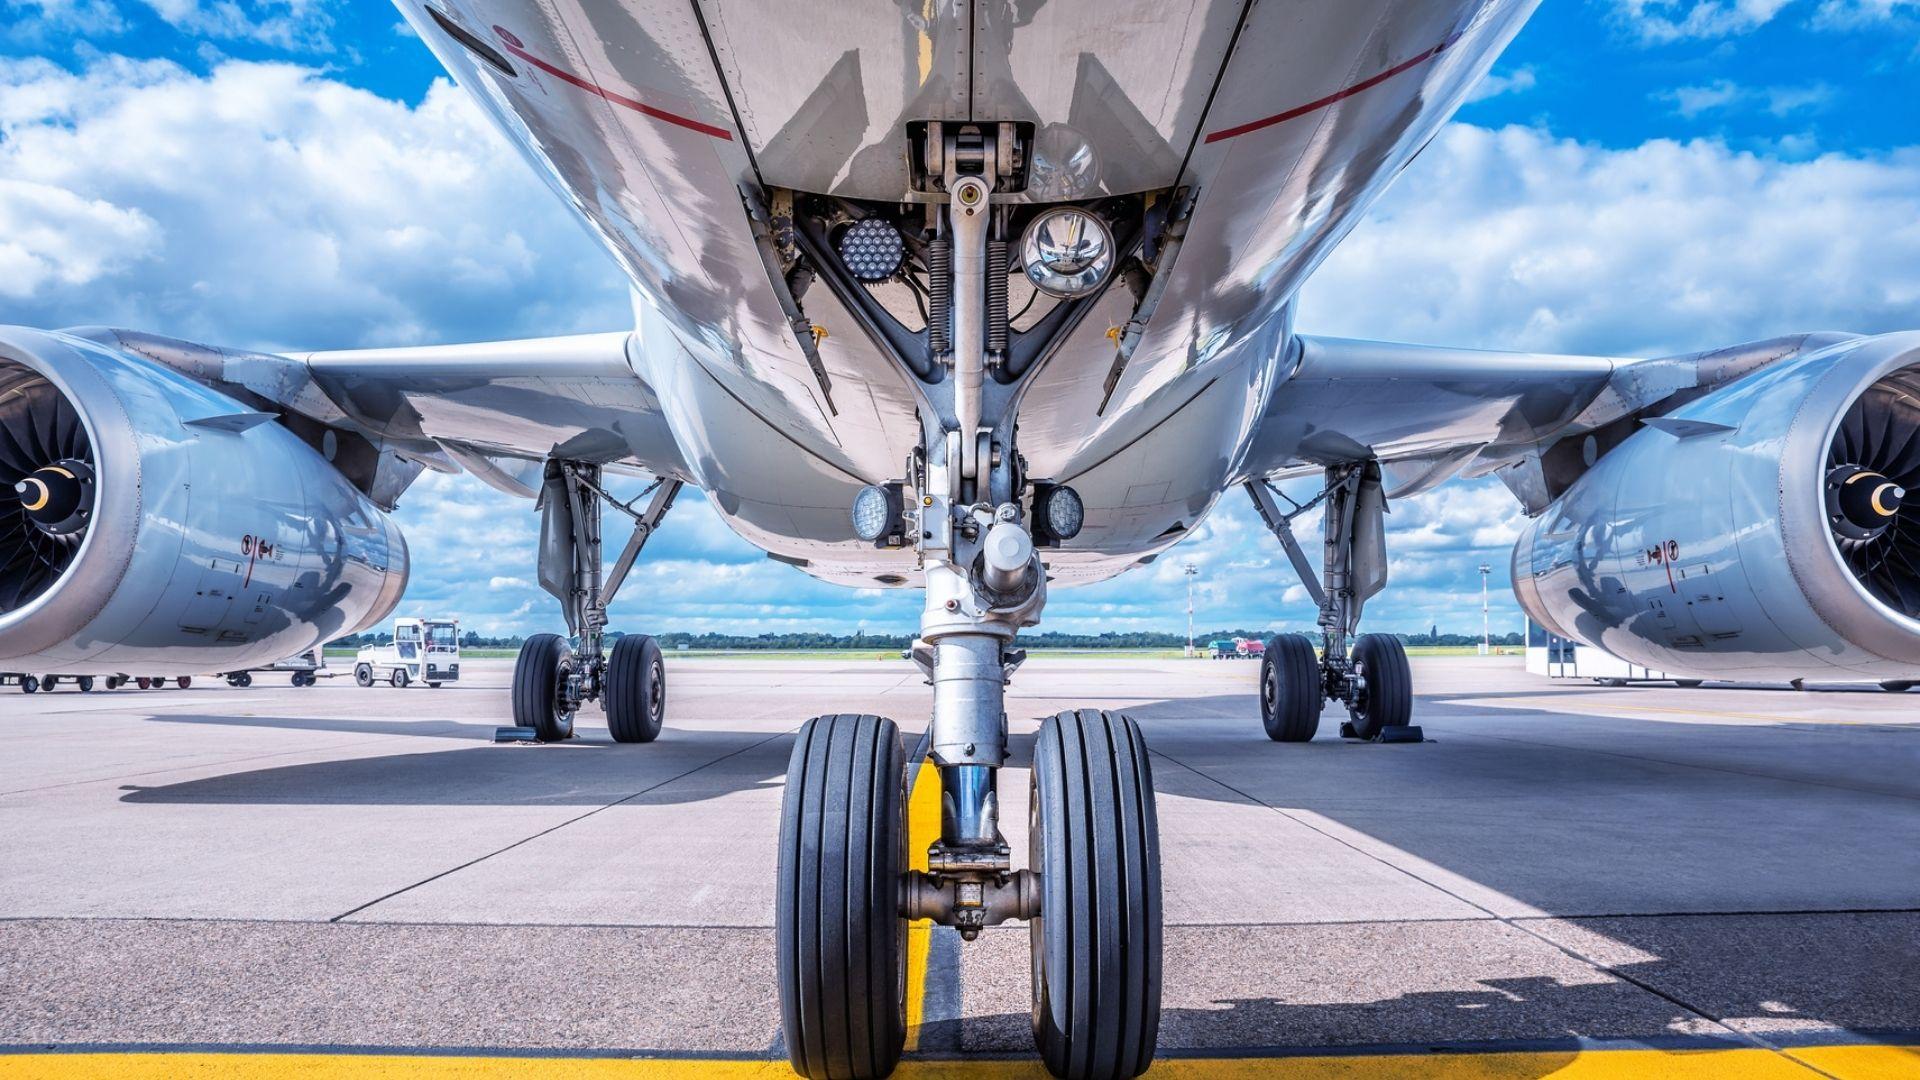 Wheels Down Aircraft